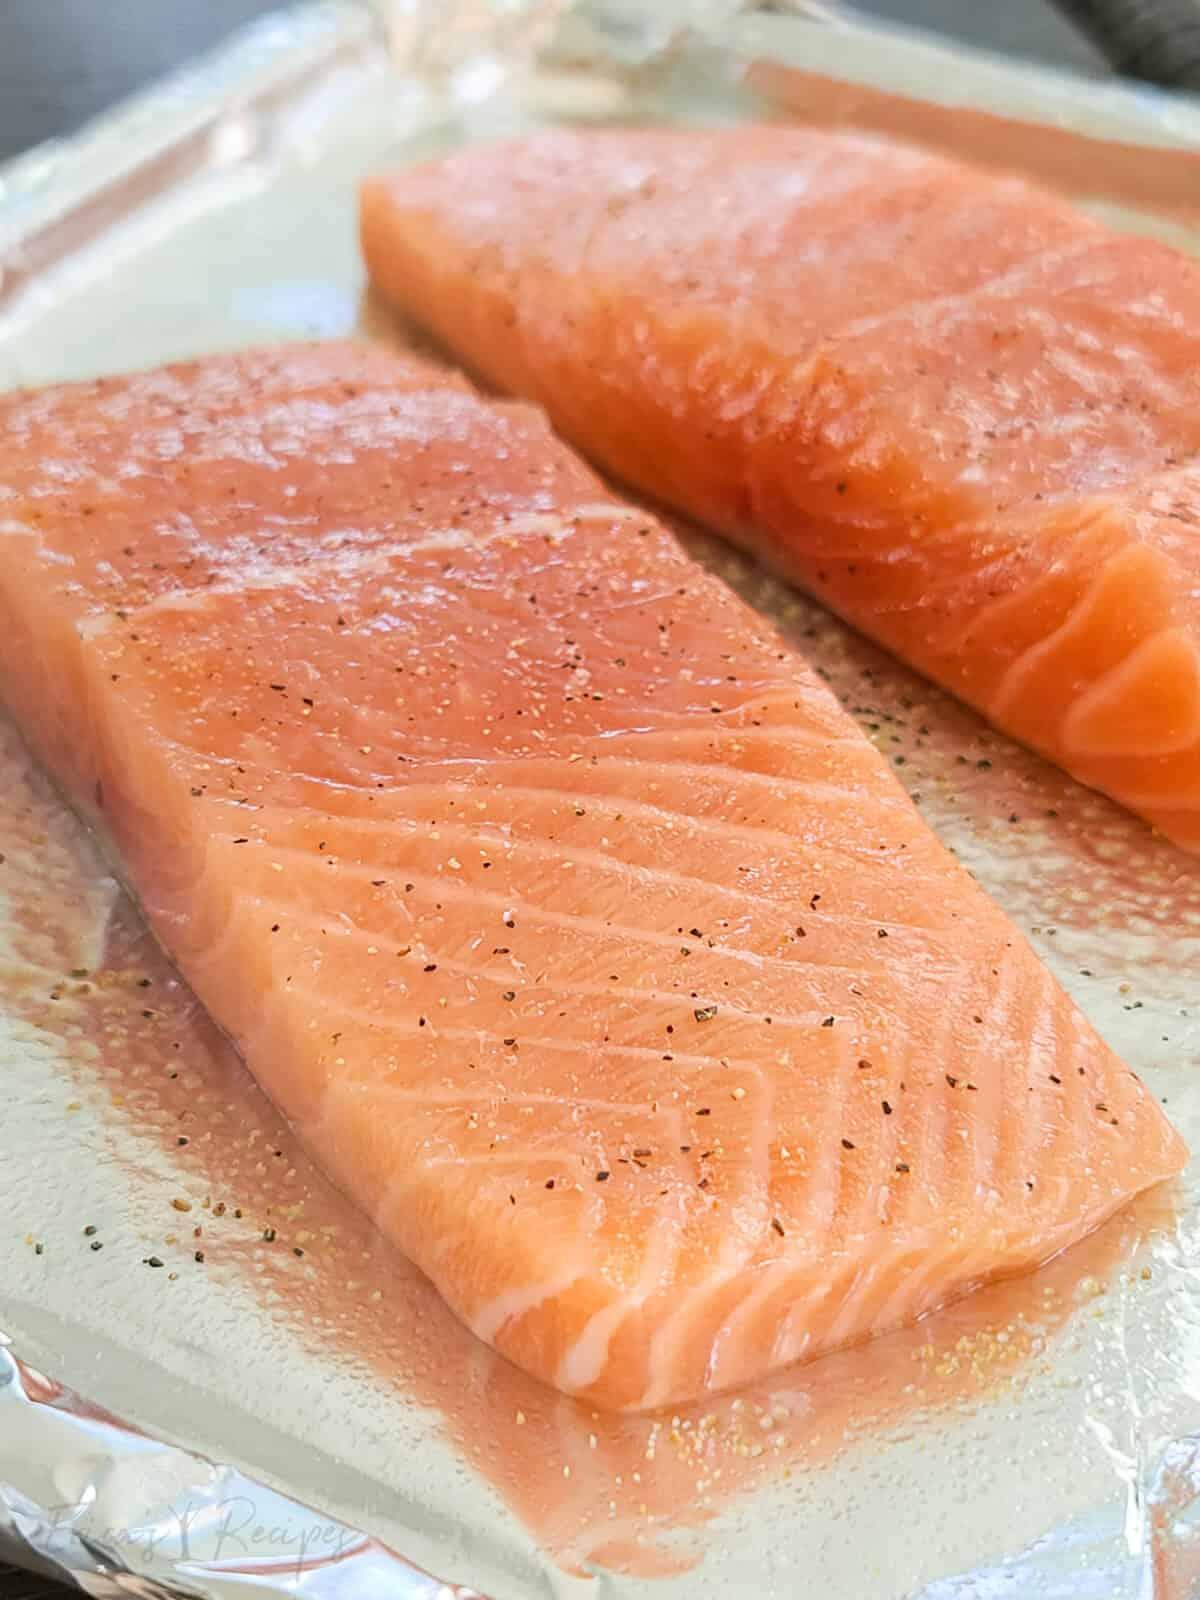 raw salmon on bake pan